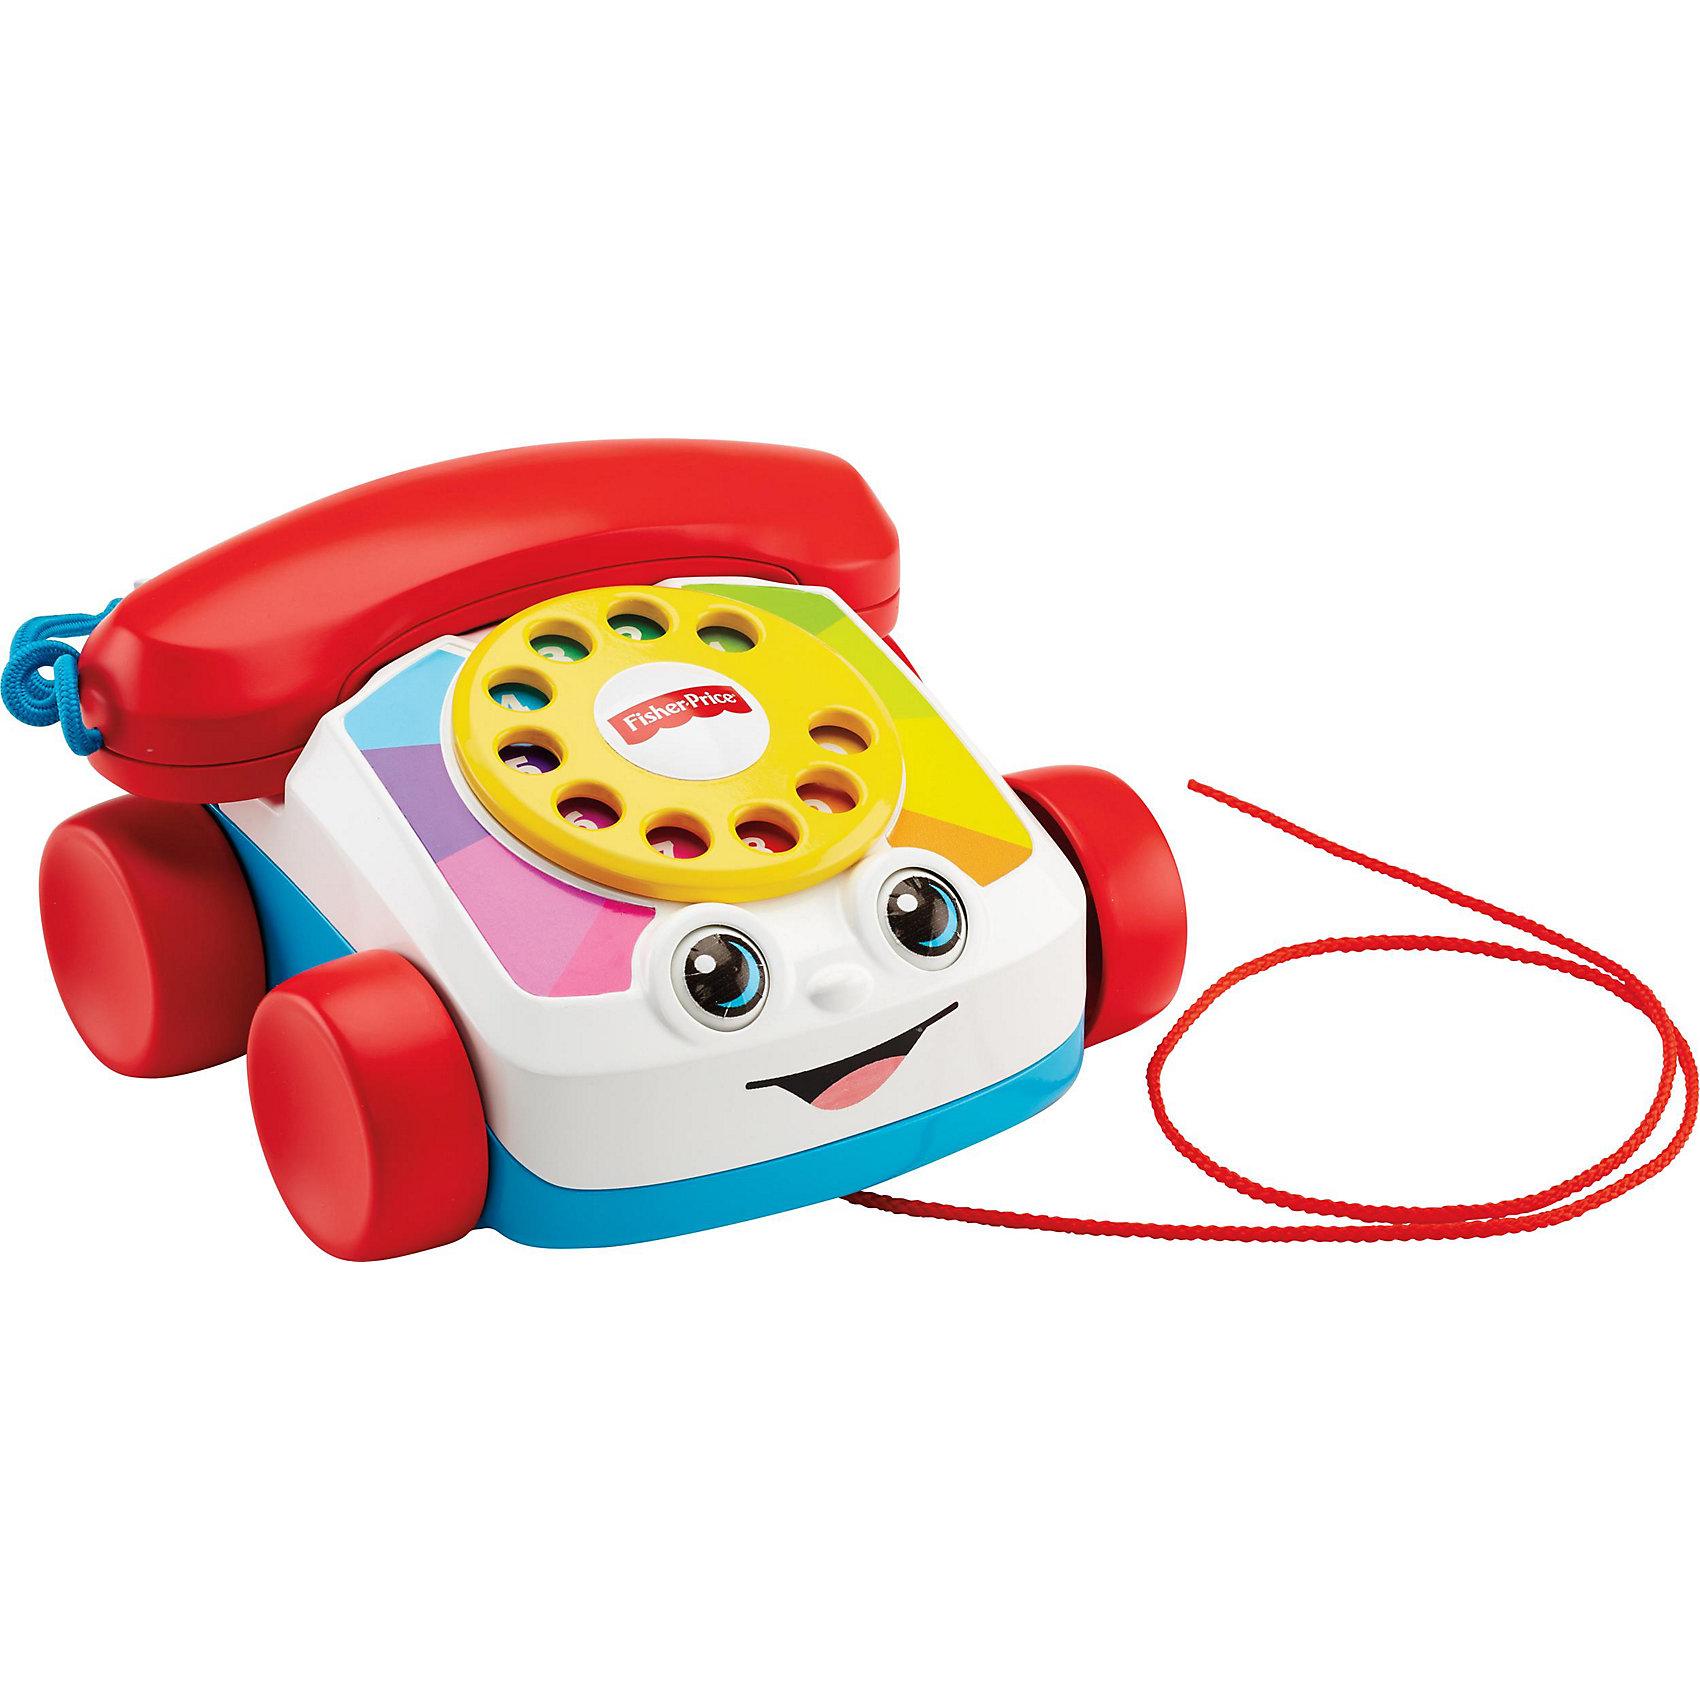 Говорящий телефон на колесахЯркий телефон на колесах обязательно понравится малышам! Игрушку можно возить за собой на веревочке. Играя с телефоном, кроха сможет крутить диск, снимать трубку, воображая, что ему кто-то звонит. Мигающие глазки и звонок сделают игру еще более интересной и веселой! Телефон выполнен из высококачественных экологичных материалов безопасных для детей. <br><br>Дополнительная информация:<br><br>- Материал: пластик.<br>- Размер игрушки: 17х17х10 см.<br>- Длина веревки: 60 см.<br>- Световые, звуковые эффекты. <br>- Диск телефона при вращении звенит. <br><br>Говорящий телефон на колесах можно купить в нашем магазине.<br><br>Ширина мм: 171<br>Глубина мм: 169<br>Высота мм: 111<br>Вес г: 501<br>Возраст от месяцев: 12<br>Возраст до месяцев: 36<br>Пол: Унисекс<br>Возраст: Детский<br>SKU: 4365491